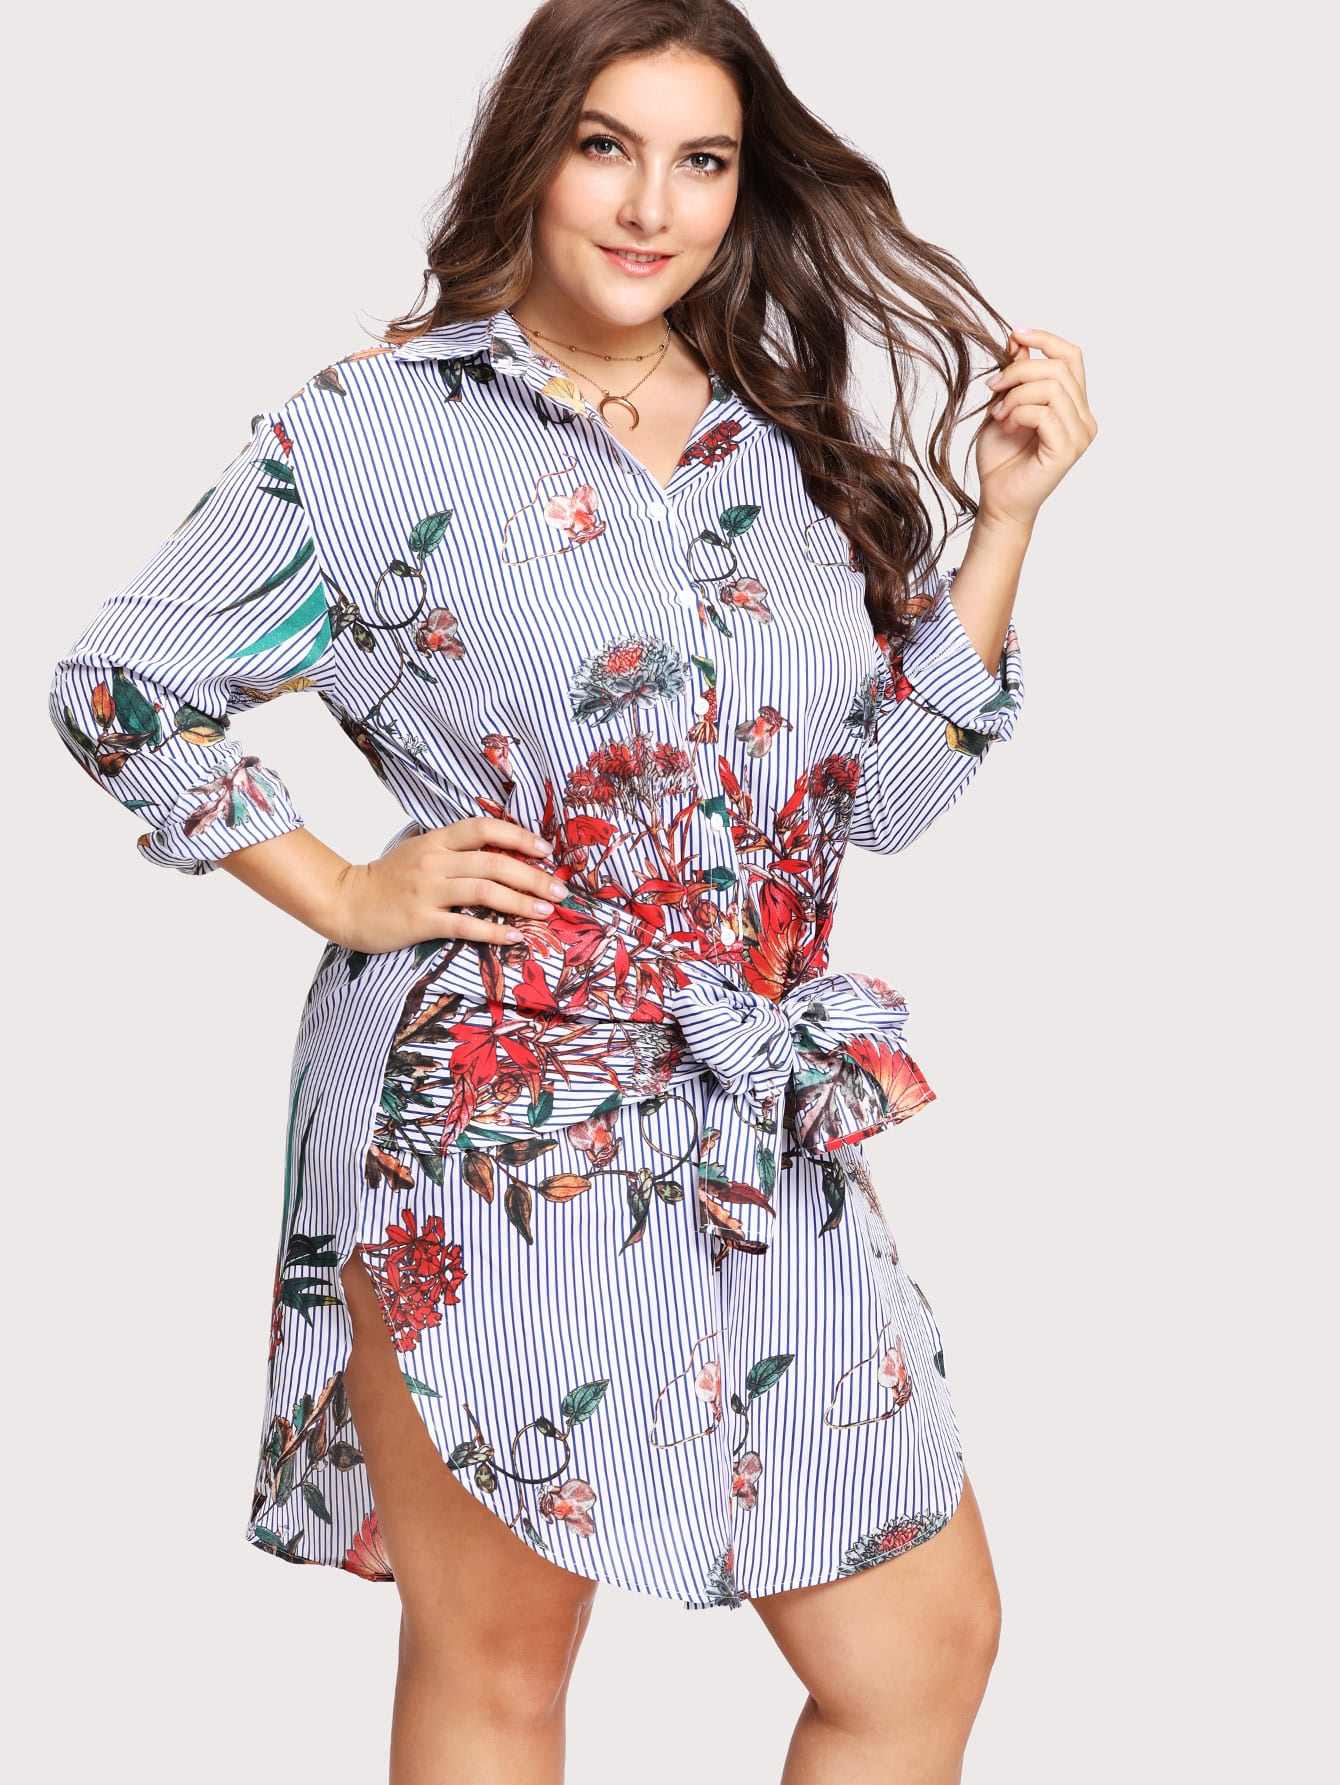 Купить Модное платье-рубашка в полоску с поясом, Franziska, SheIn